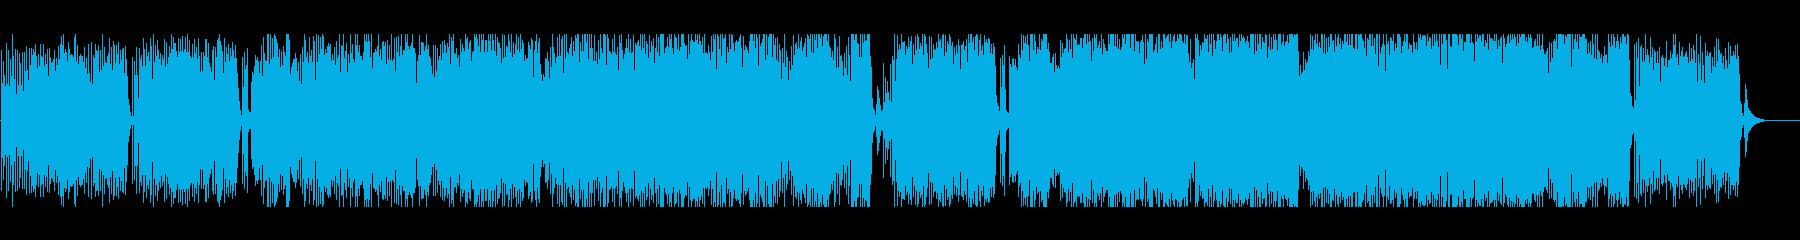 紀行 民族 伝統 山脈 アルゼンチン の再生済みの波形